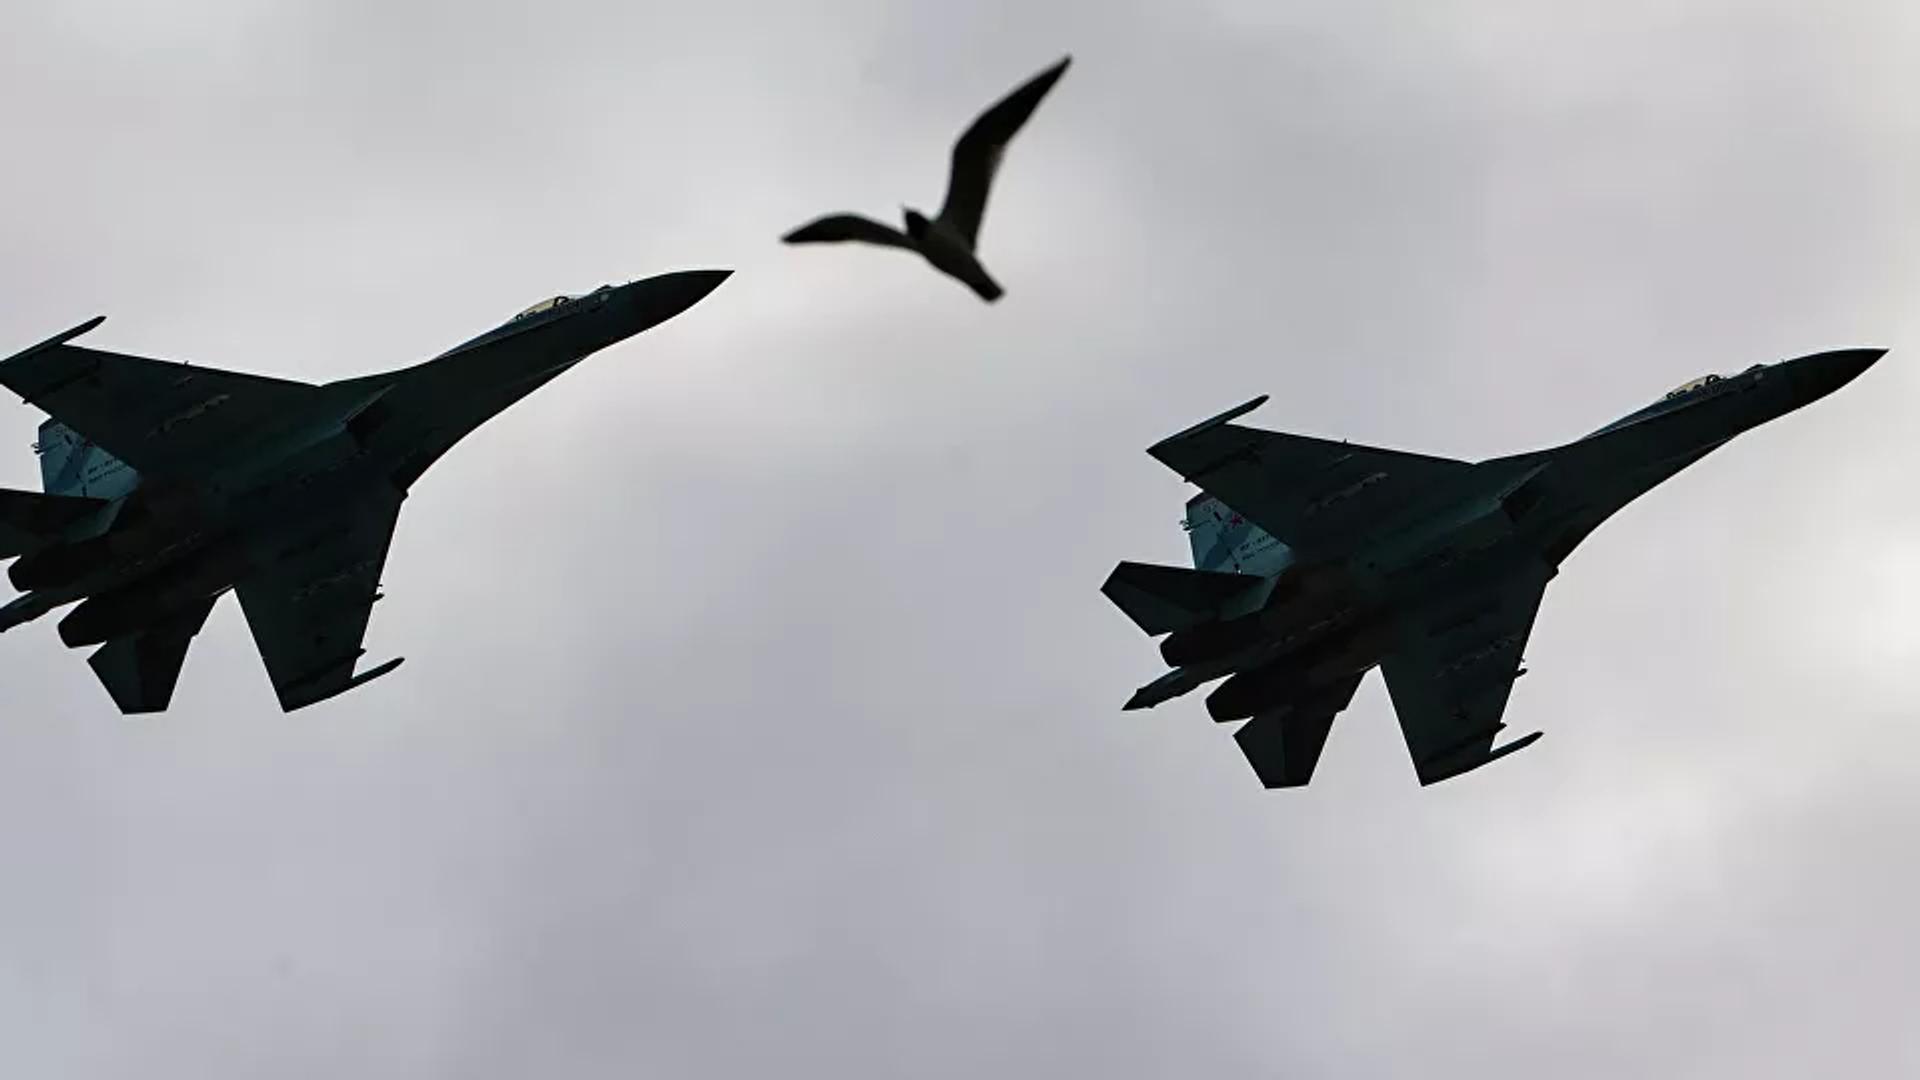 Αεροσκάφη Su-27 της Ρωσίας - Sputnik Ελλάδα, 1920, 28.09.2021